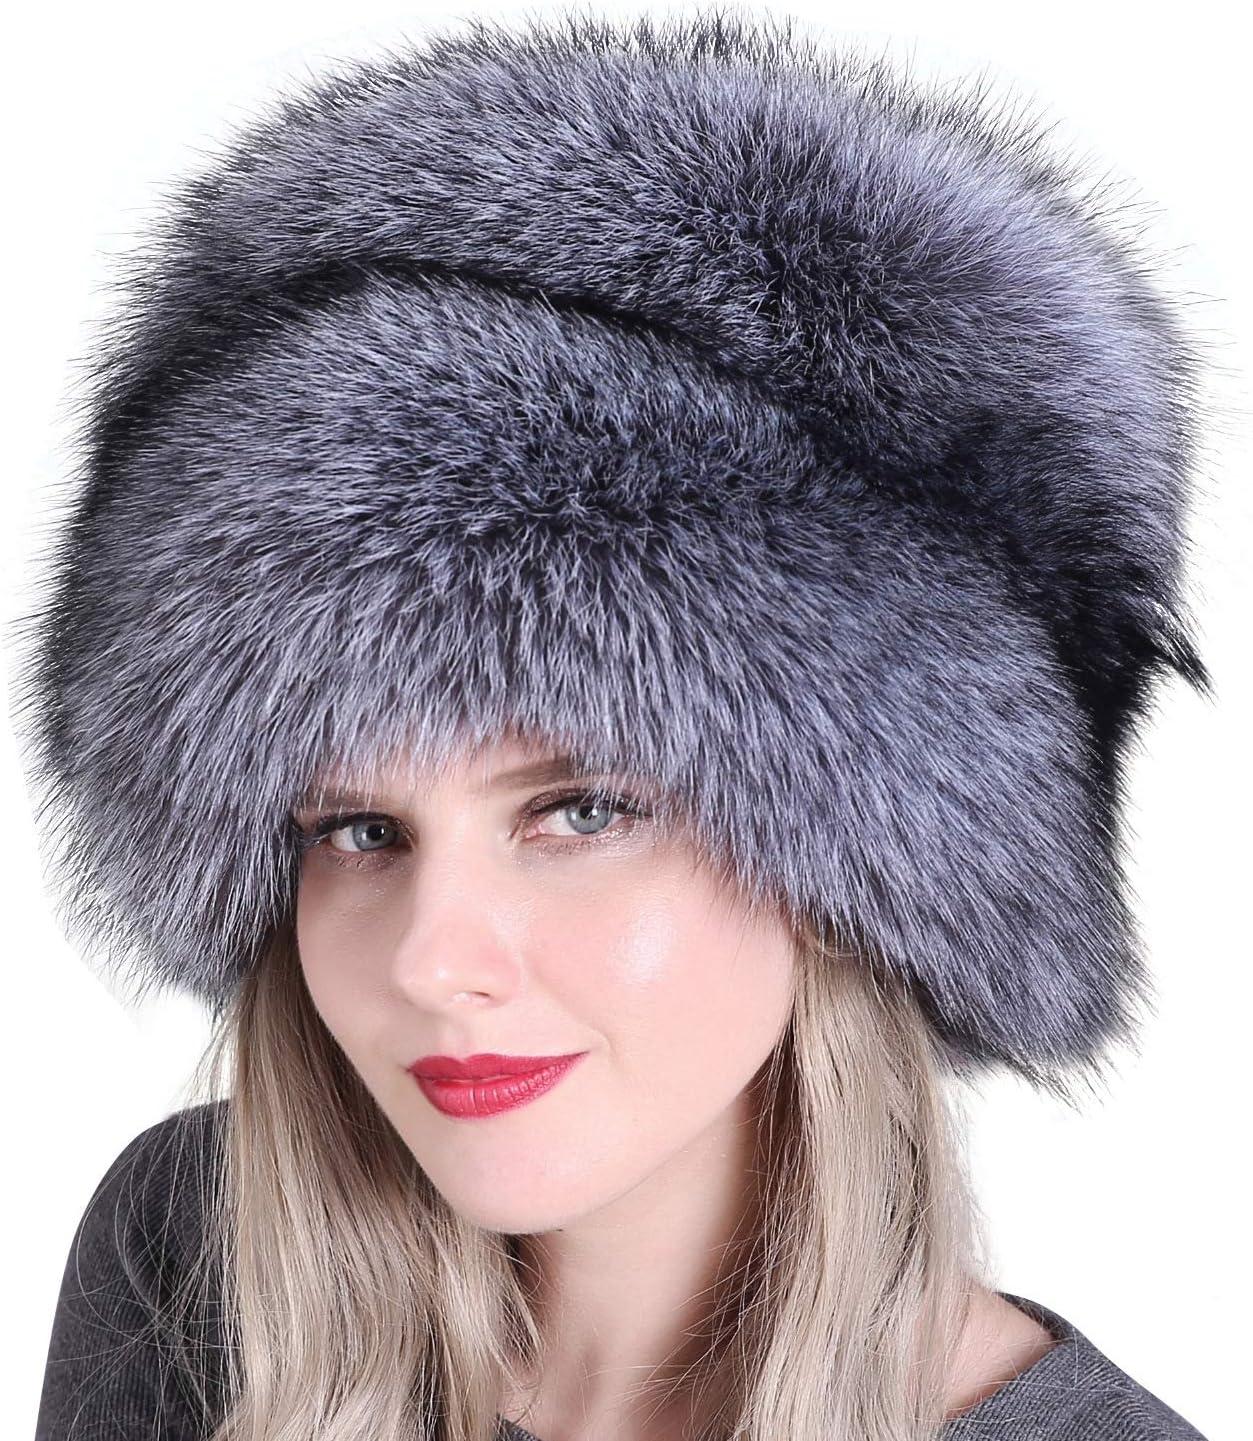 TININNA Cappello da Donna in Pelliccia in Stile Russo Cappello Cosacco Cappellini Invernali